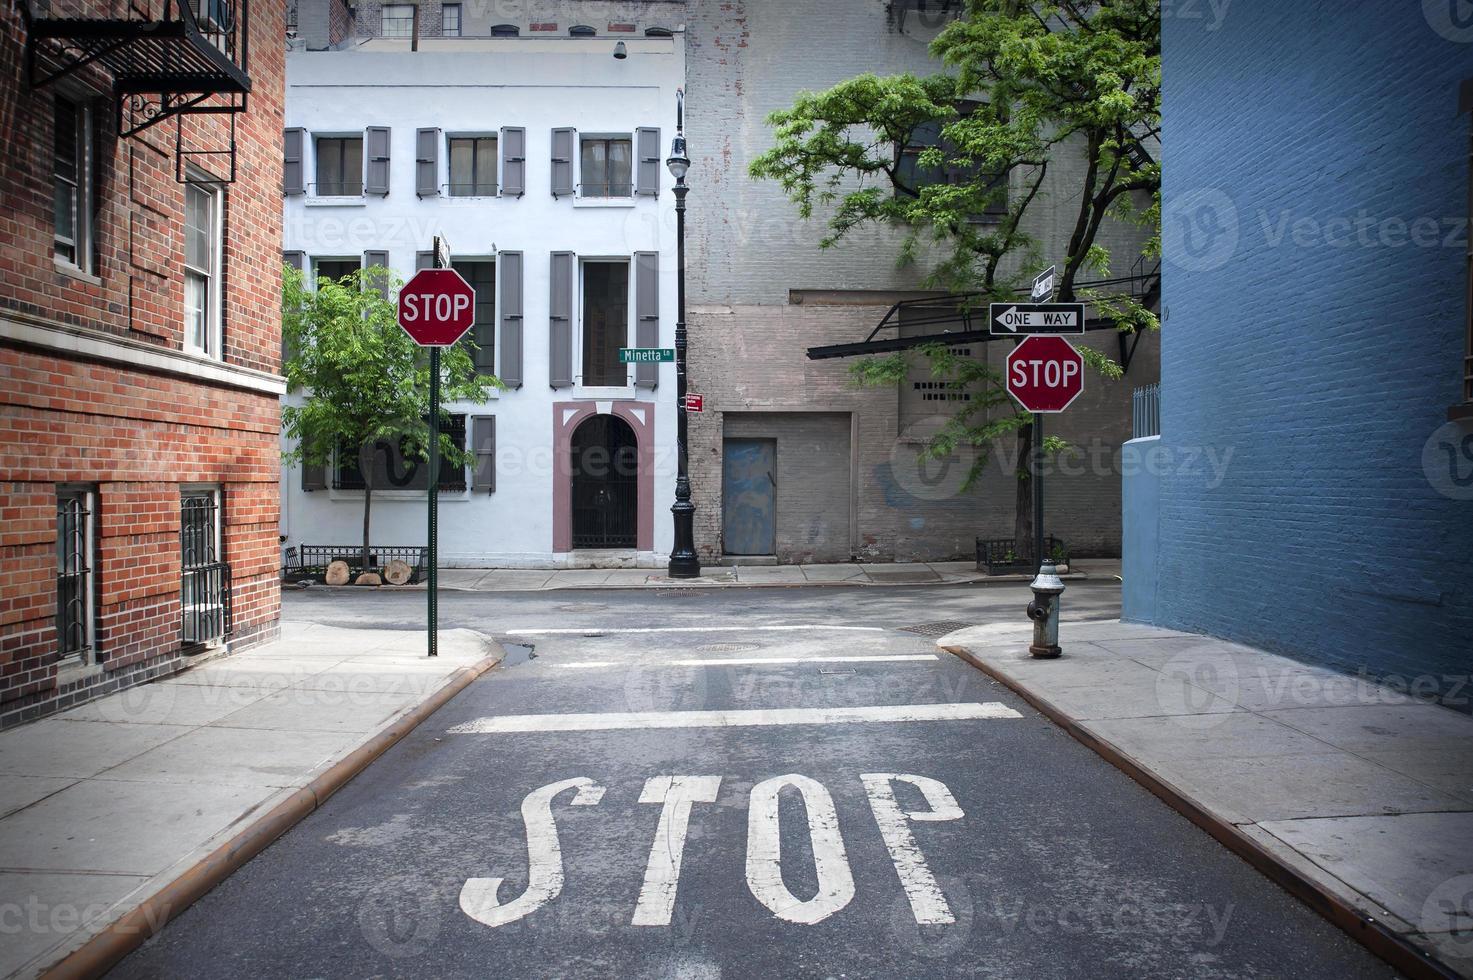 señal de stop pintada en la carretera foto